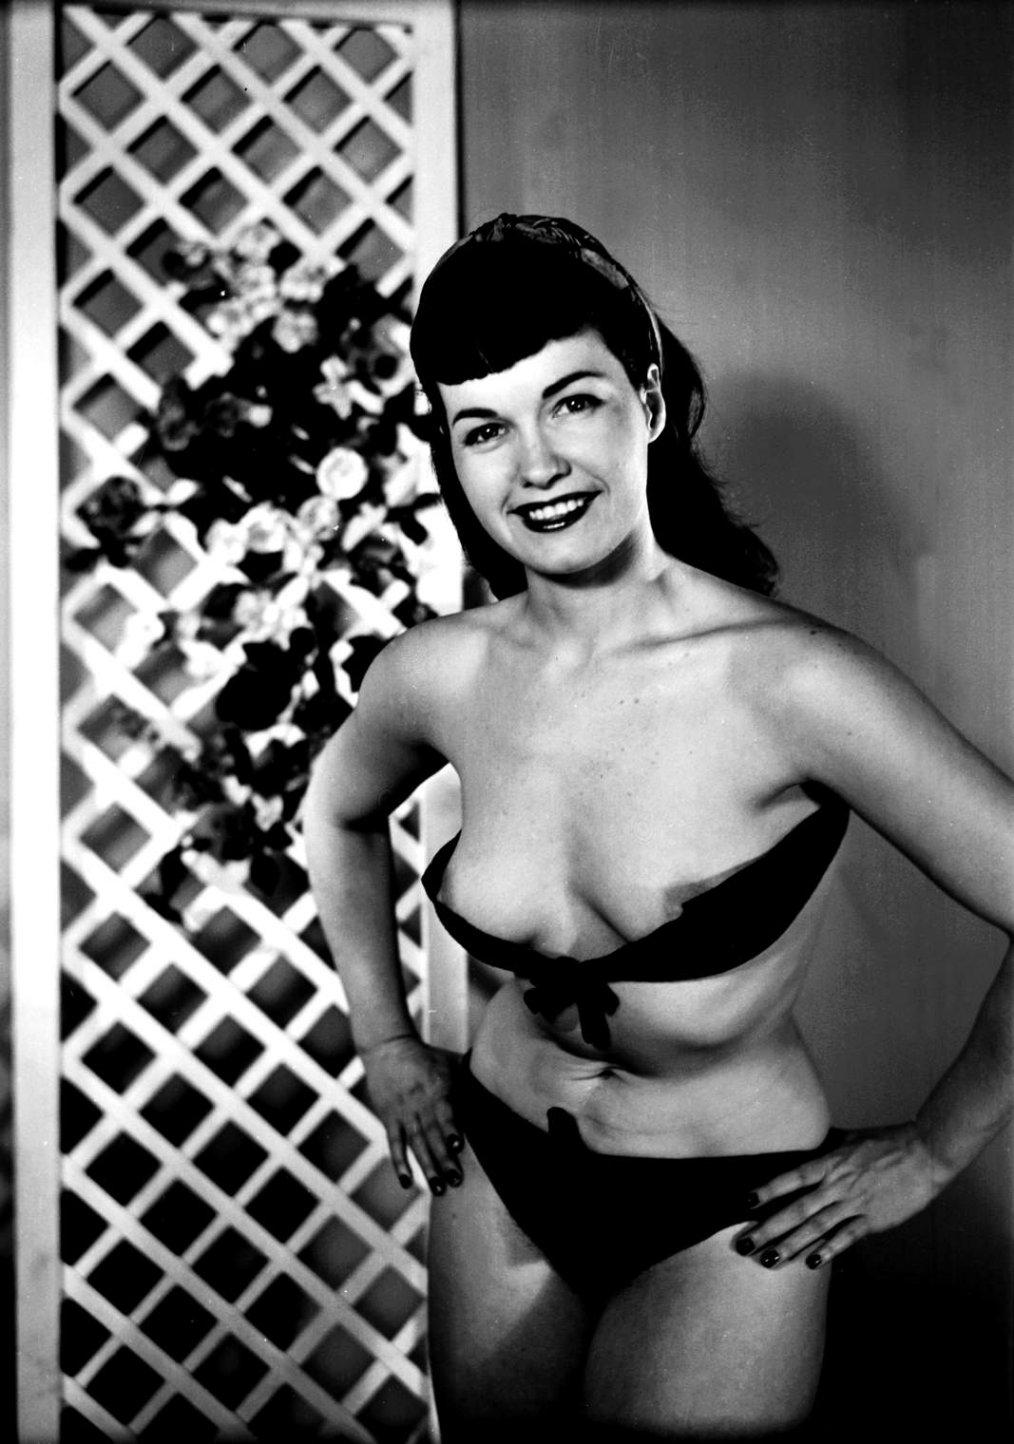 Los desnudos de Bettie Page